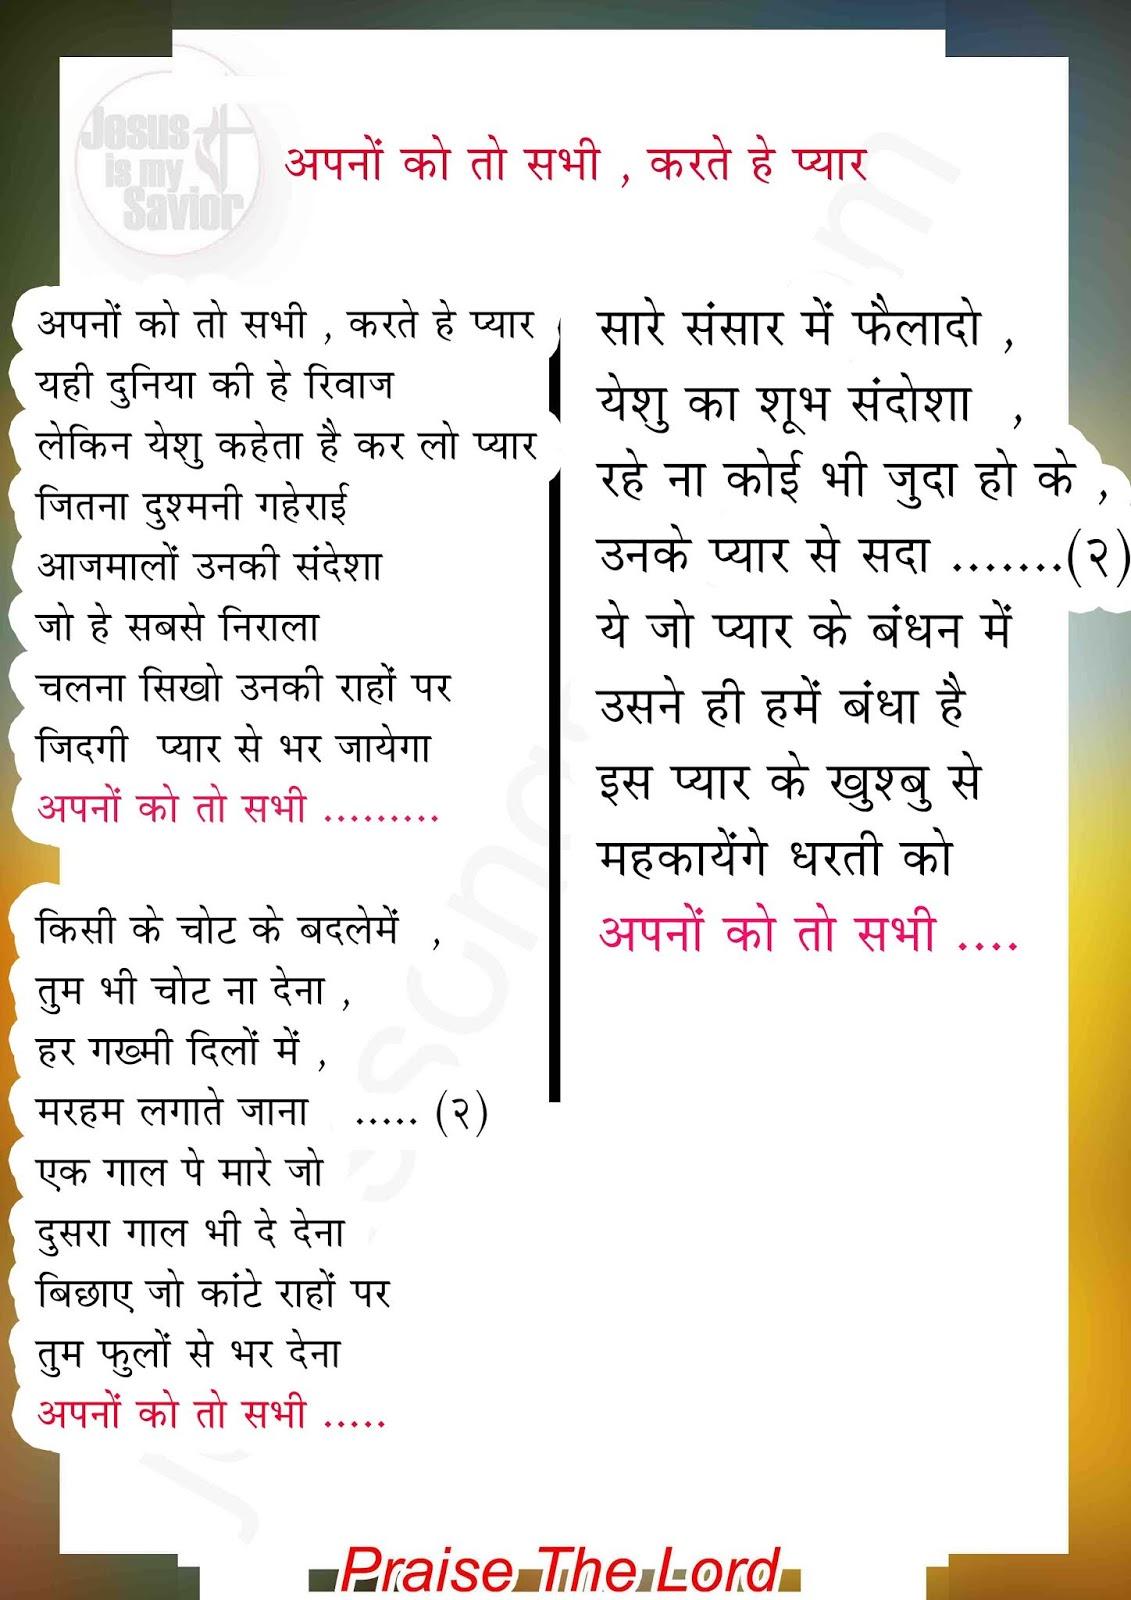 Aapano Ko To Sabhi Karate He Pyar Jesus Hindi Song New Christian Song S Lyrics Listen to these christian hindi songs or mp3. aapano ko to sabhi karate he pyar jesus